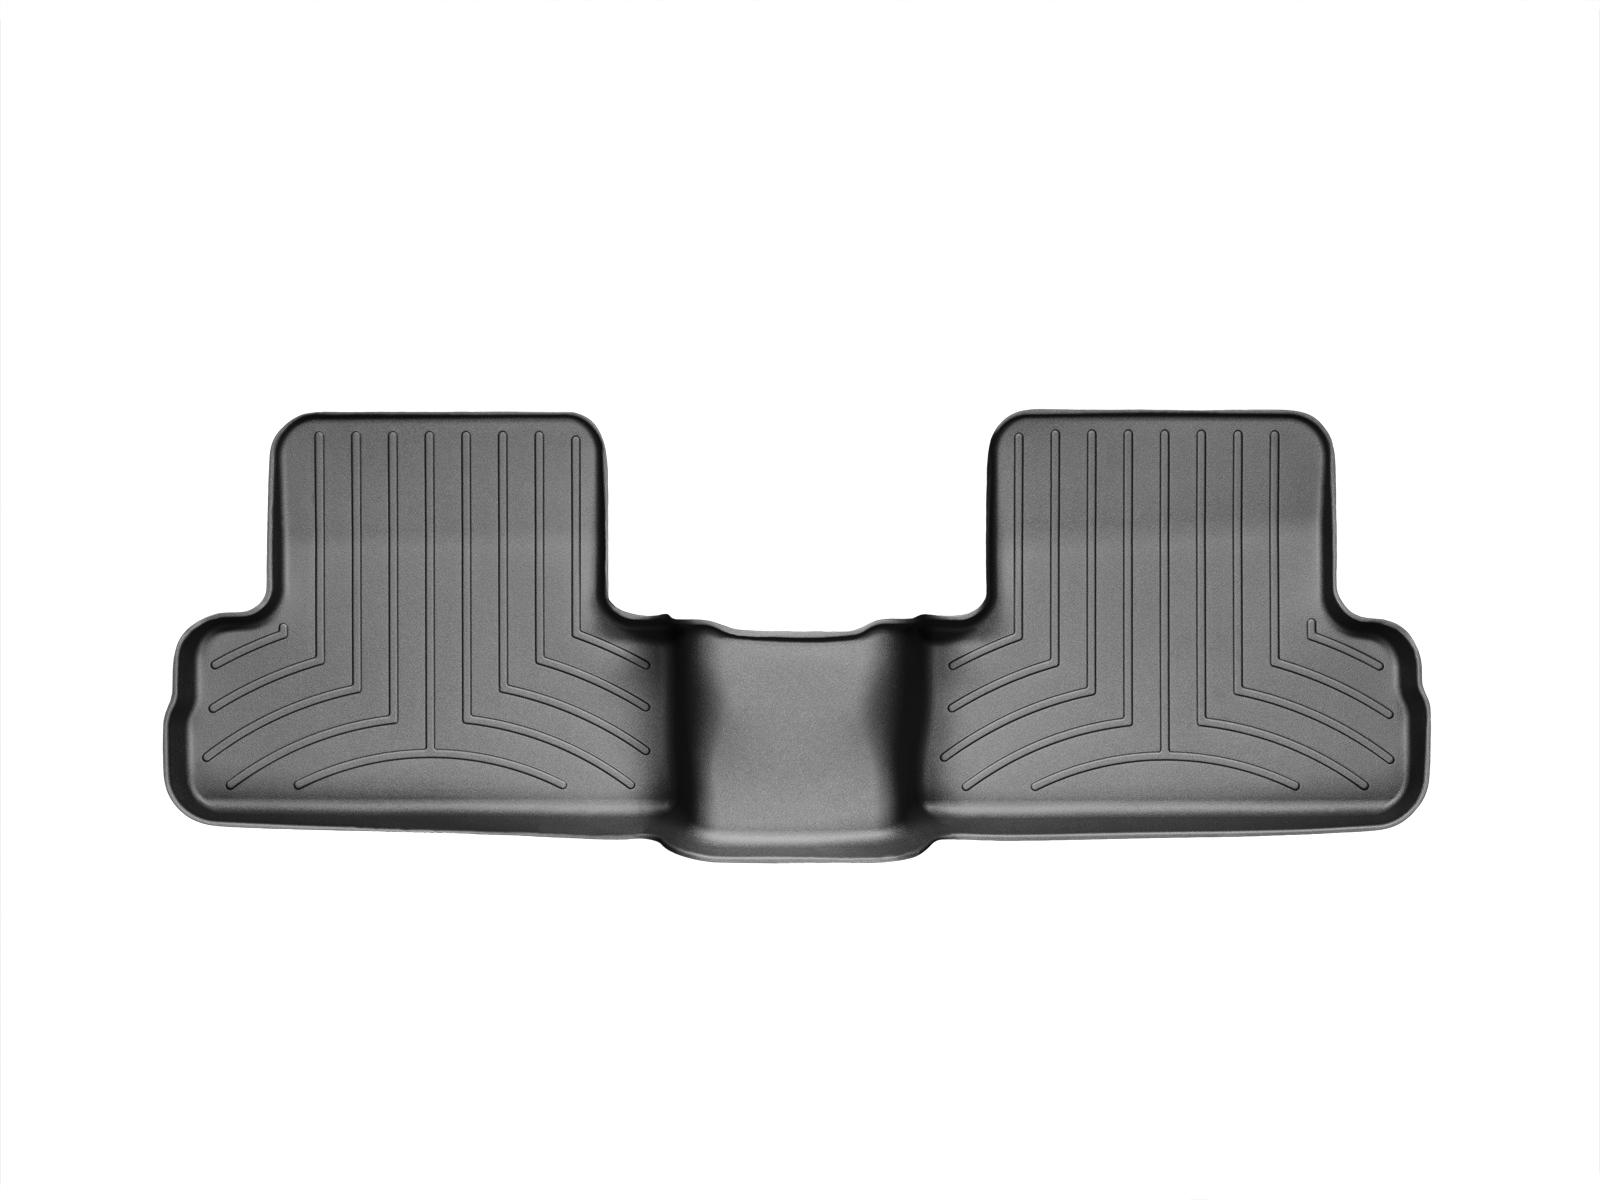 Tappeti gomma su misura bordo alto Nissan X-Trail 08>13 Nero A2930